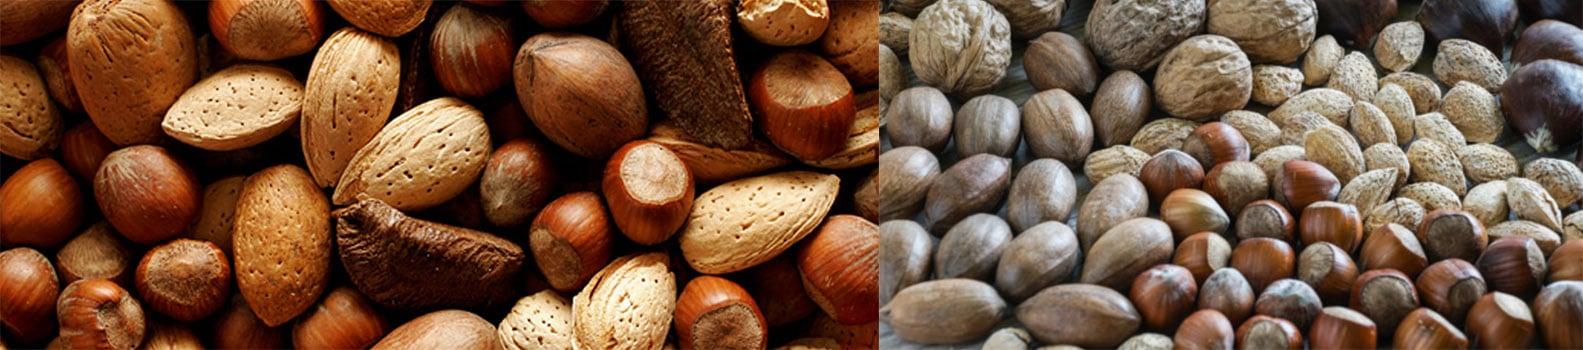 Banner con varios frutos secos de Eyma - Sabor Granada